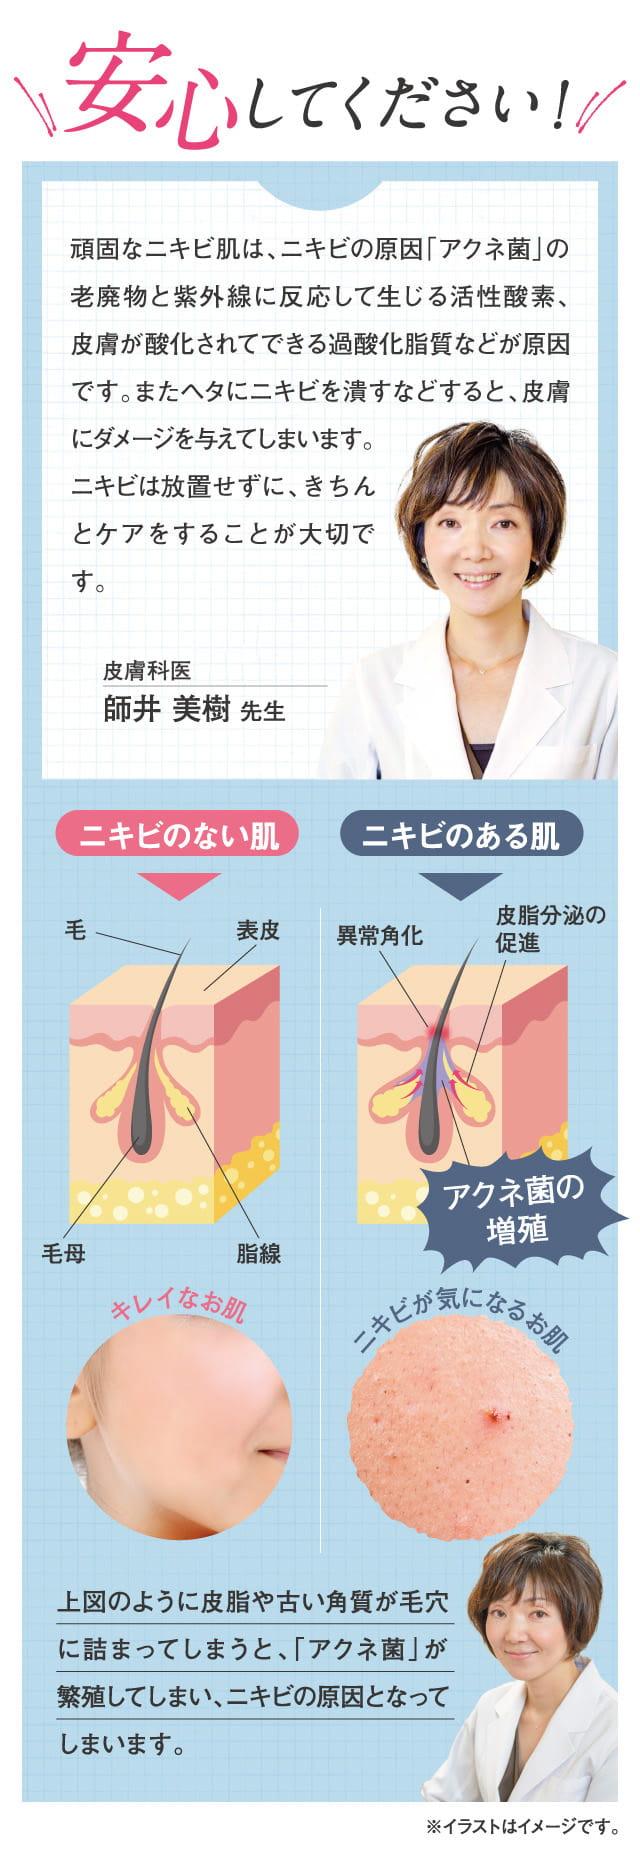 安心して下さい!頑固なニキビ肌はキチンとケアすることが大切。